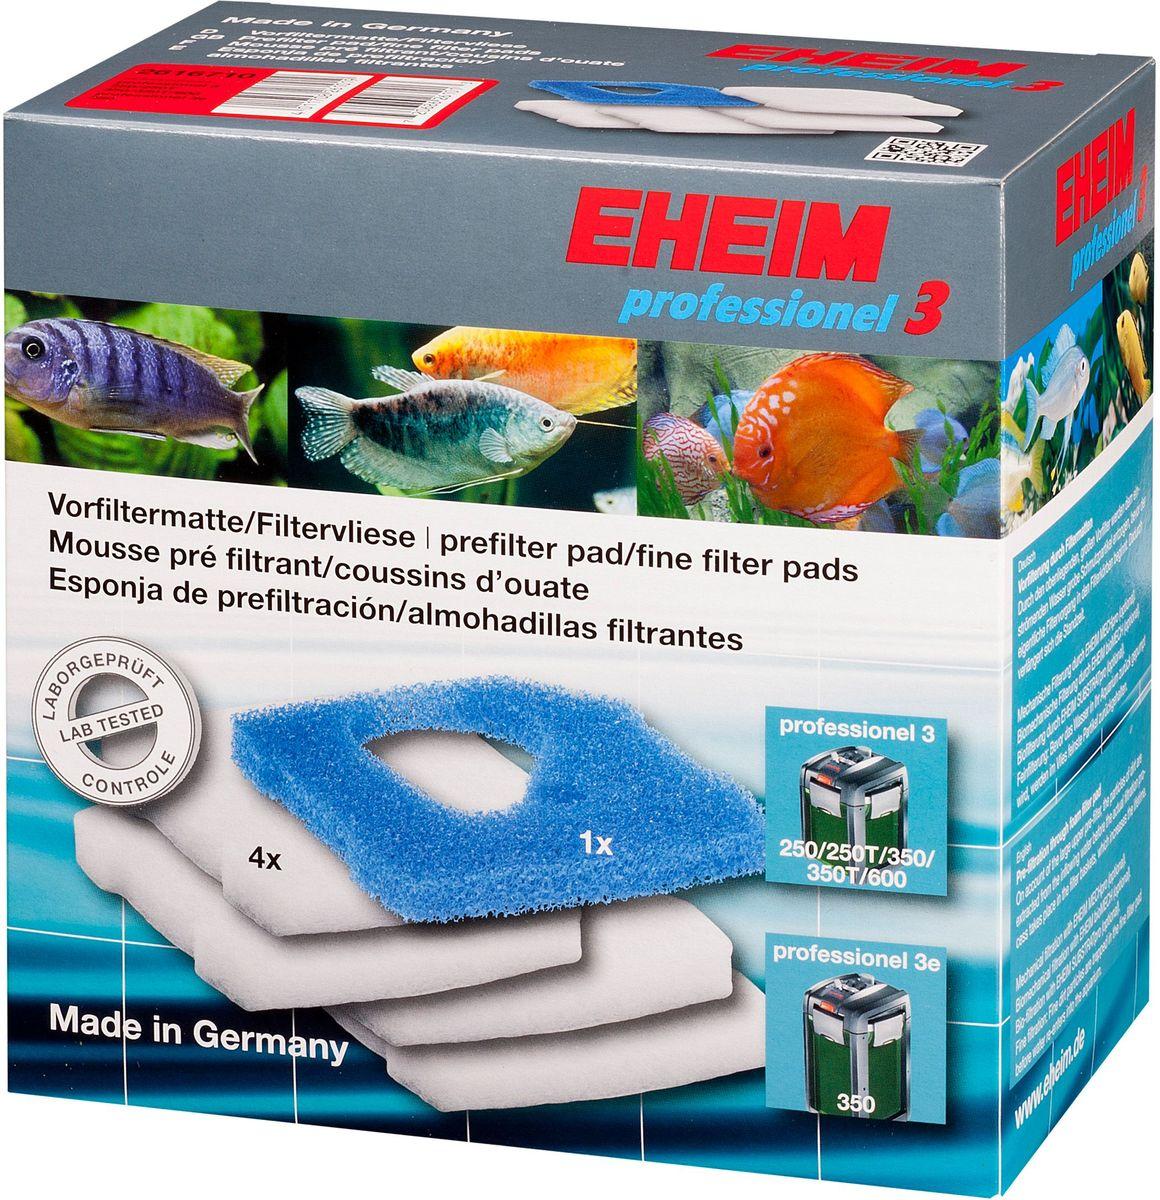 Наполнитель для фильтра Eheim Professionel 3 250/350/600, 5 шт0120710Набор фильтрующих губок для фильтра Eheim Professionel 3. В набор входят: 1 губка из поролона для префильтра и 4 синтепоновые губки тонкой очистки.